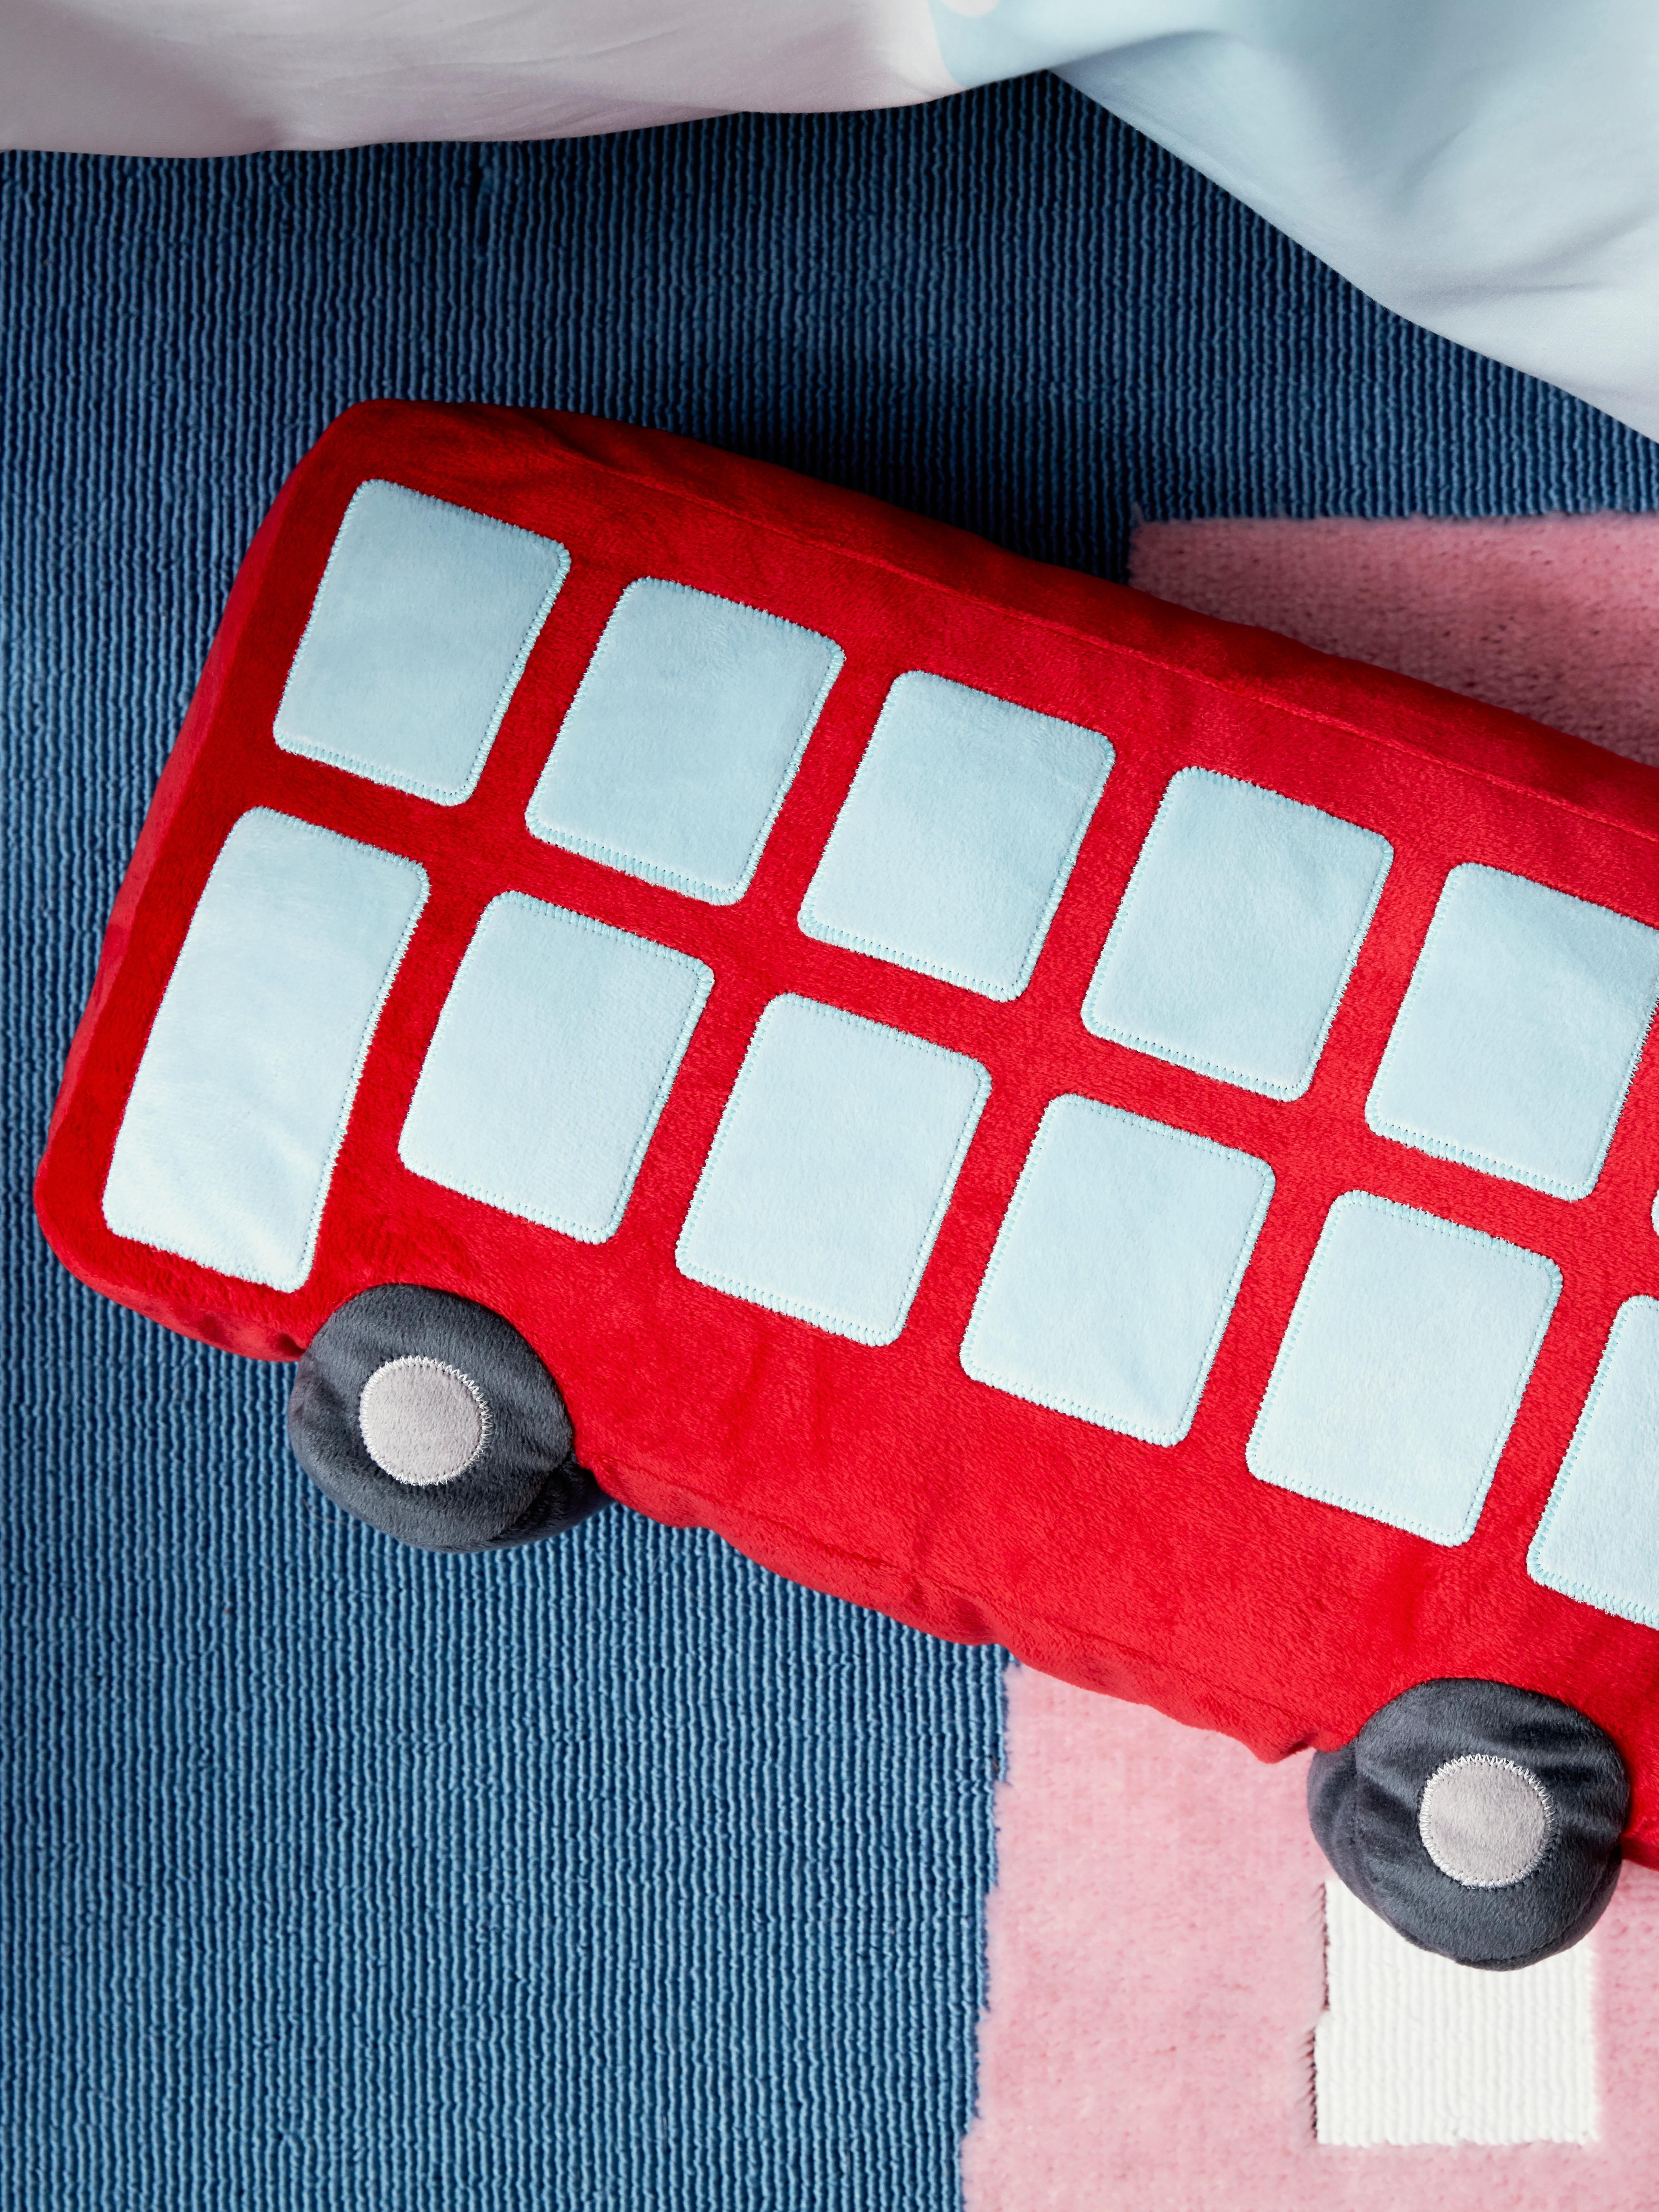 Krupni plan mekog UPPTÅG jastuka crvene boje, pravokutnog oblika autobusa sa svijetloplavim prozorima i sivim kotačima.